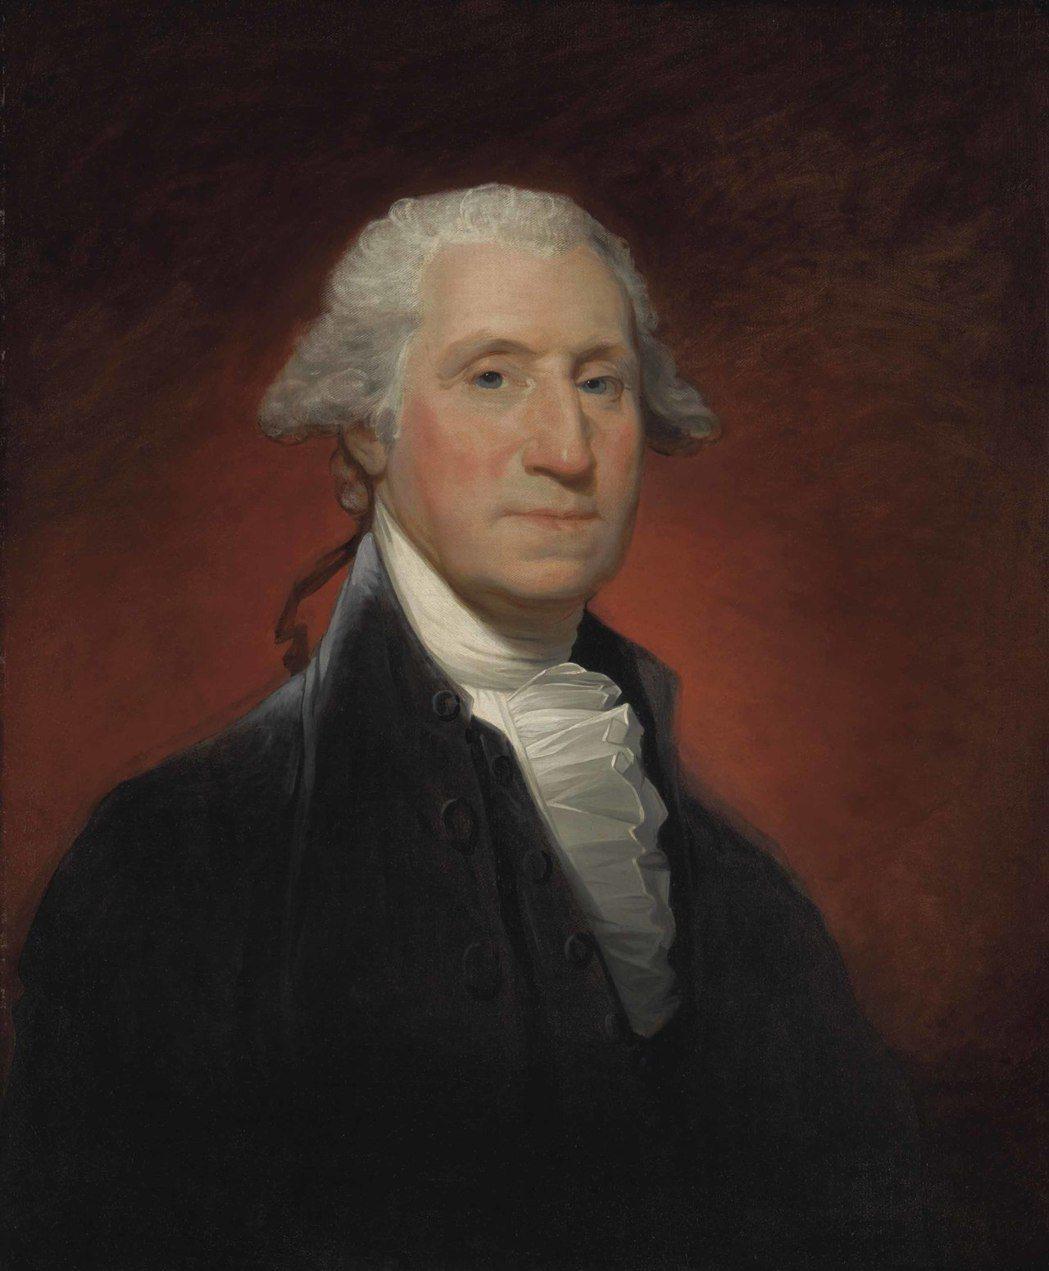 吉爾伯特·斯圖爾特《喬治·華盛頓(沃恩型)》 成交價 USD 11,562,50...